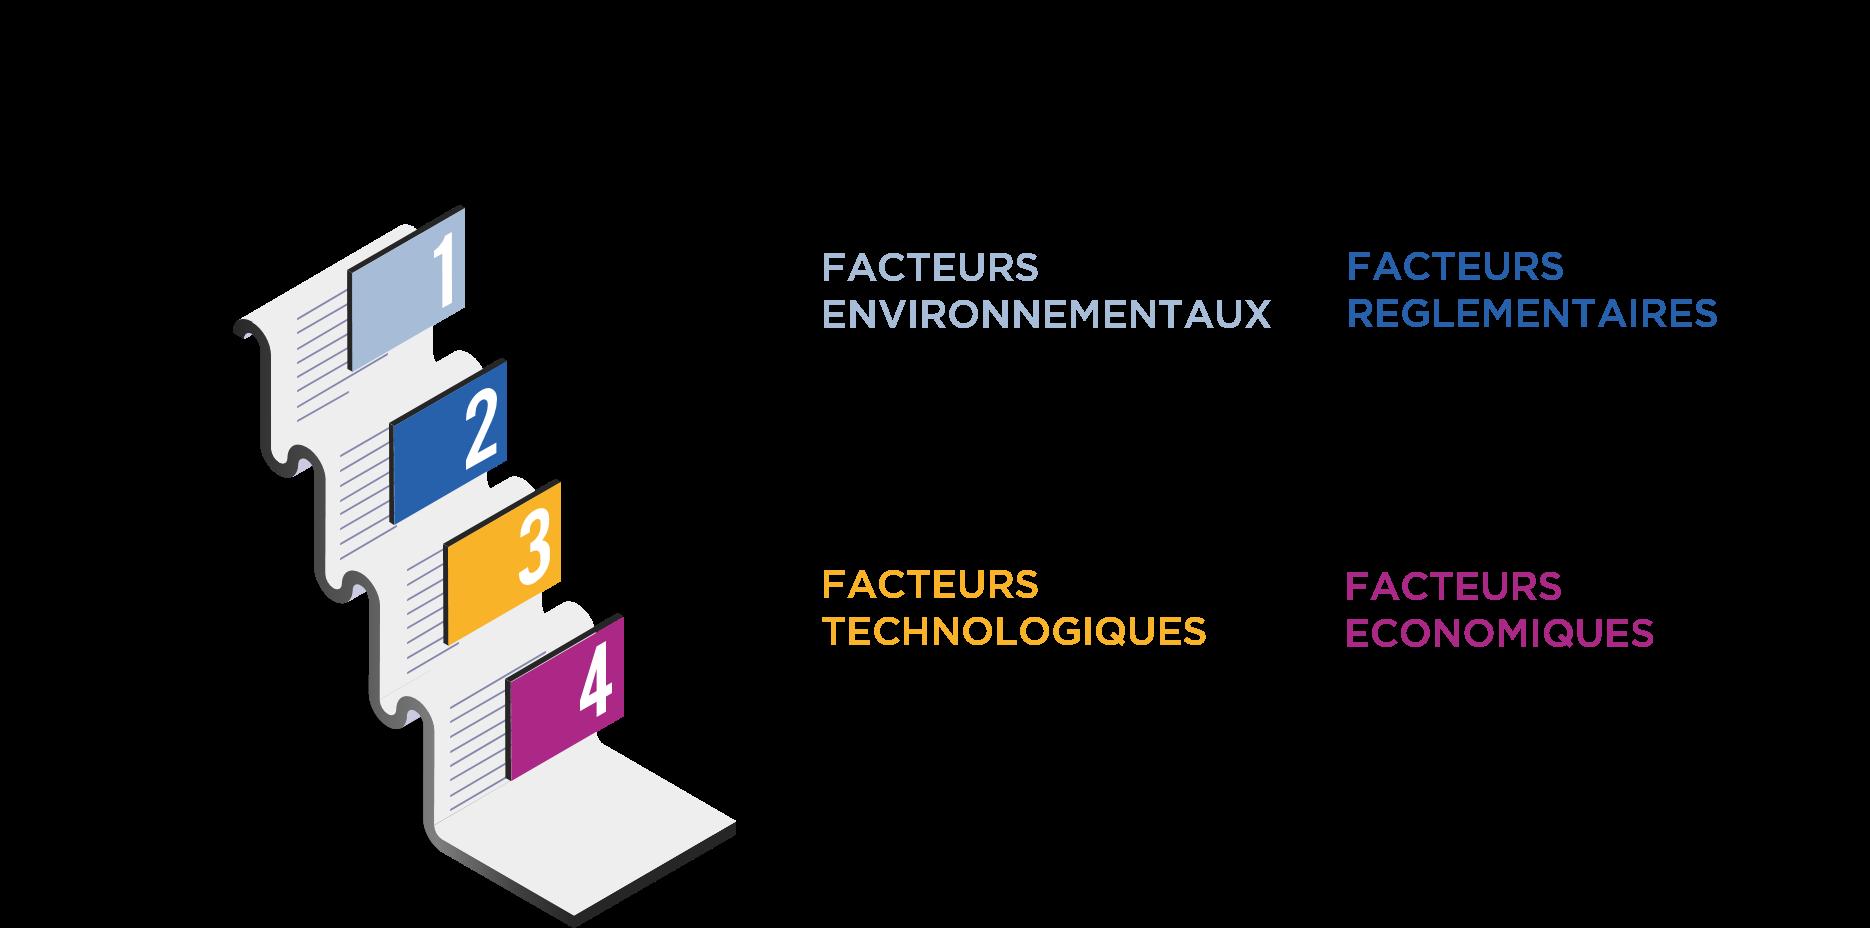 Facteurs de l'évolution des emplois